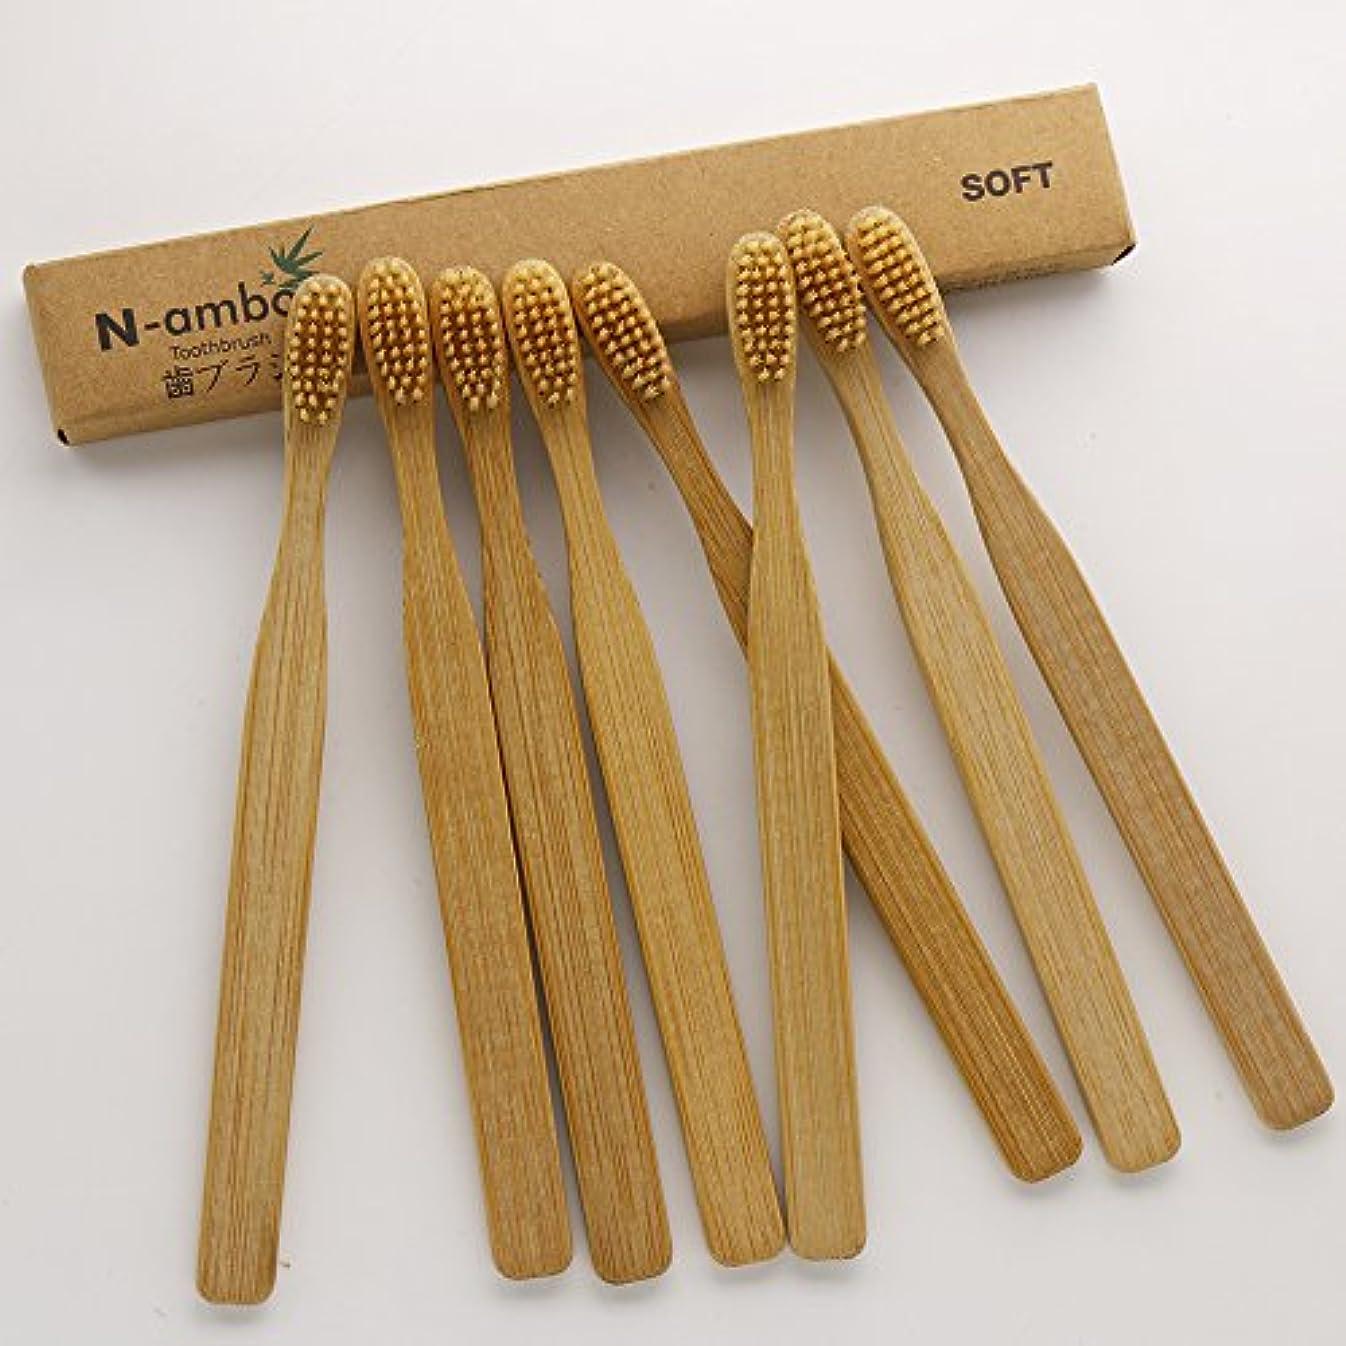 即席池ポジションN-amboo 竹製 歯ブラシ 高耐久性 セット エコ ハンドル大きめ ベージュ (8本)